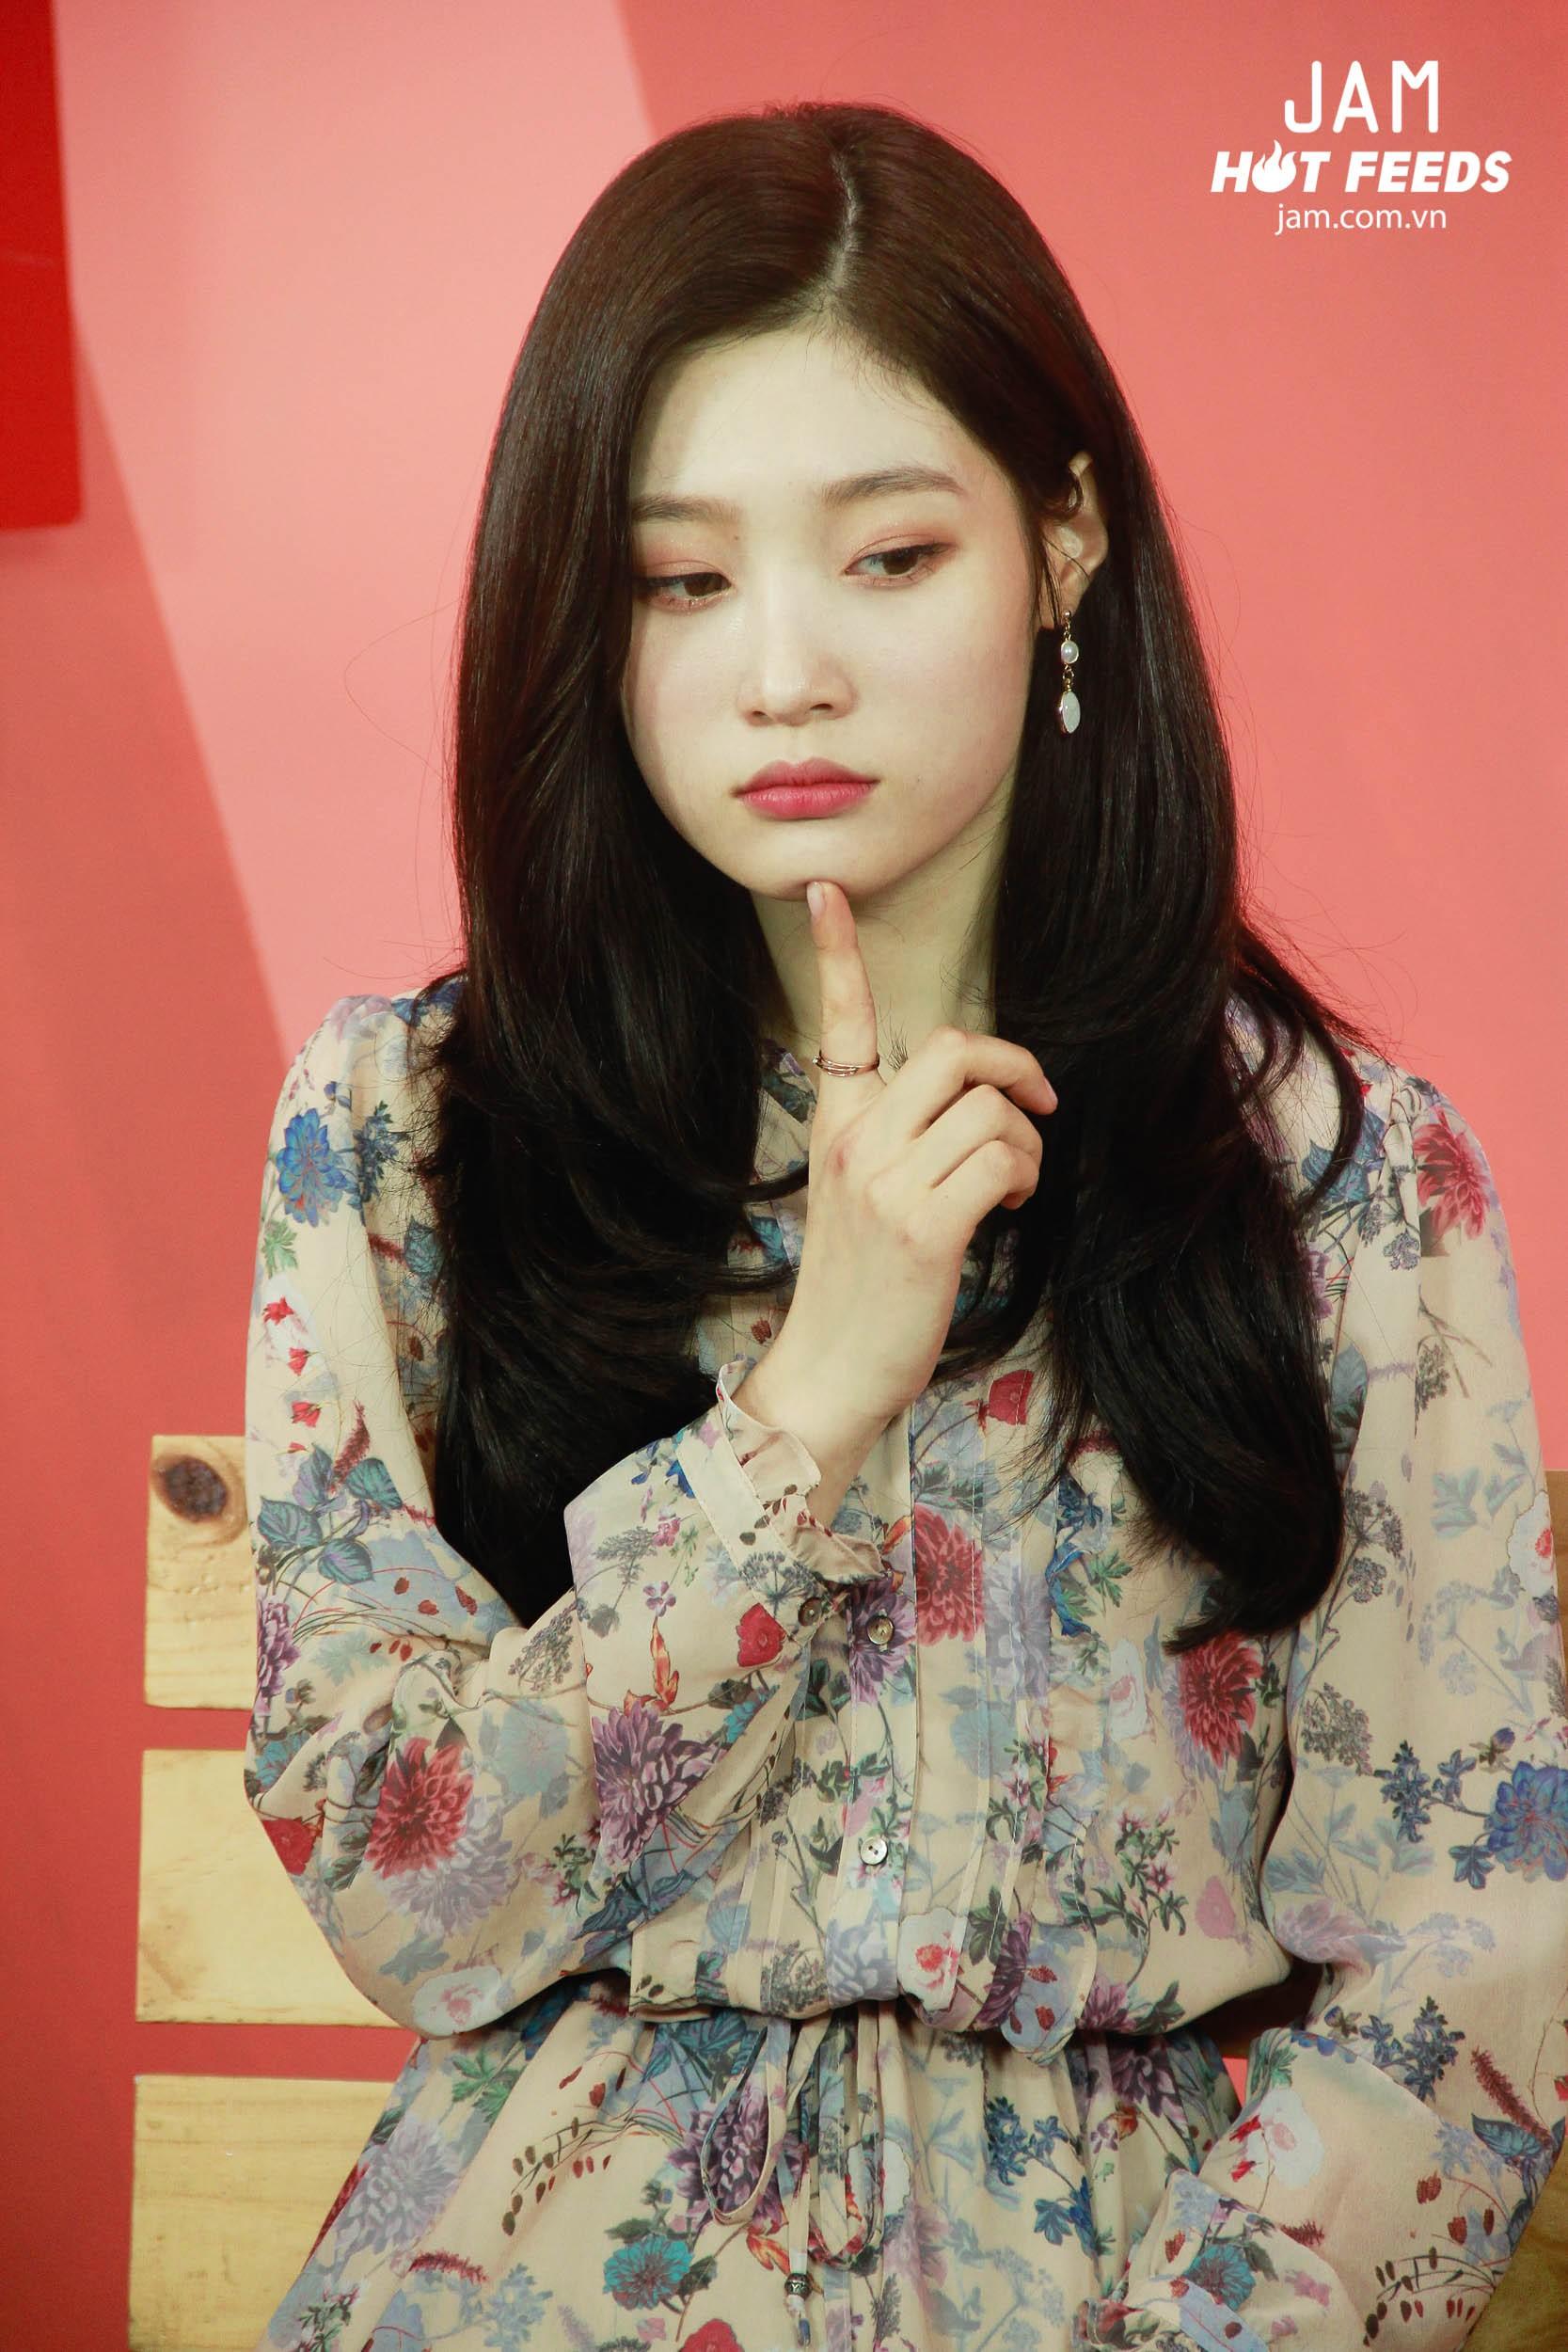 Xứng danh nữ thần thế hệ mới, Chae Yeon đẹp đến xiêu lòng trong bất kỳ khoảnh khắc nào! - Ảnh 12.